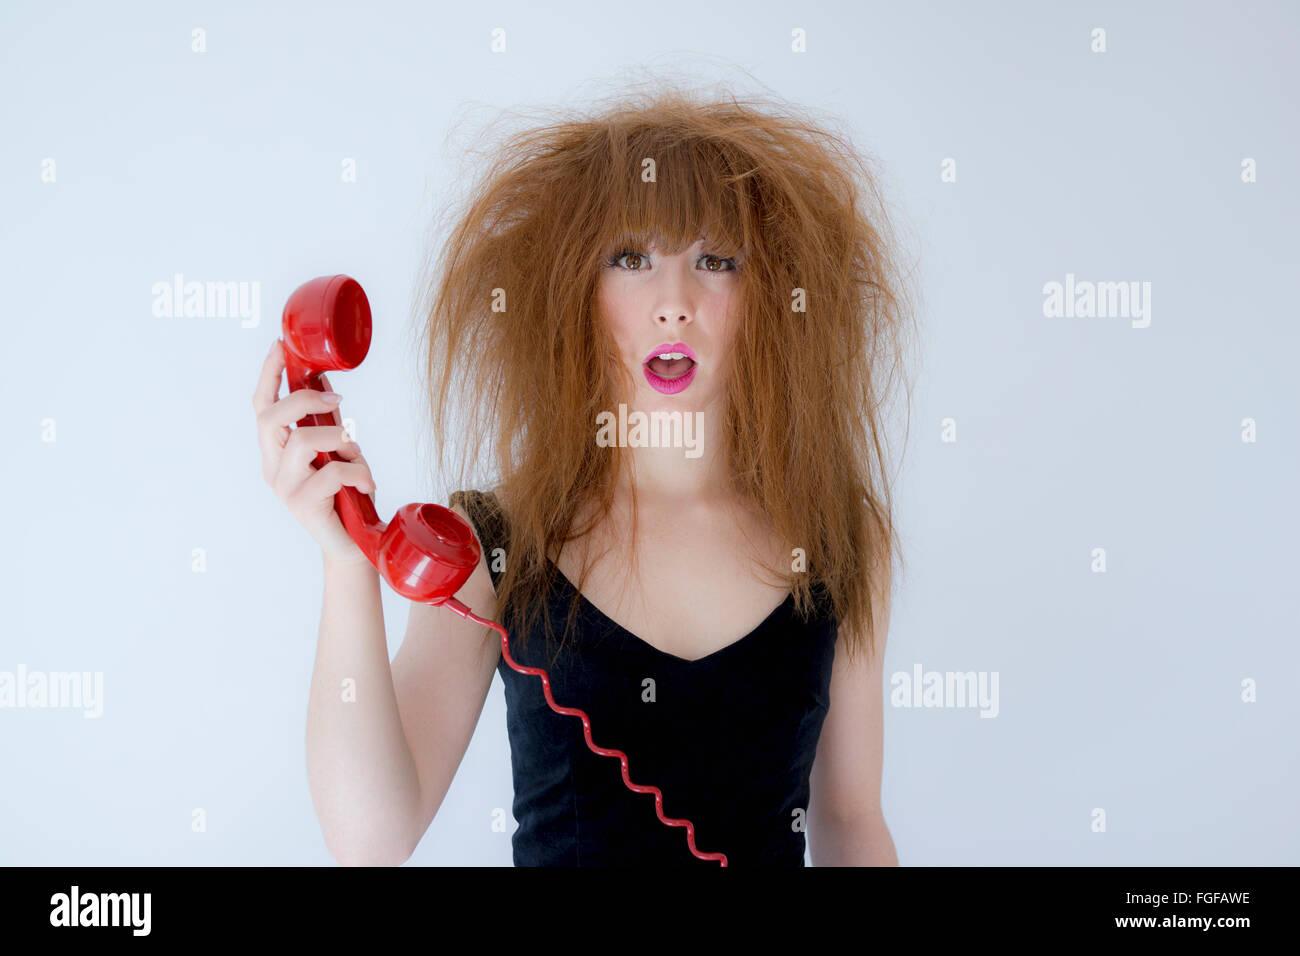 Frau mit strubbeligem Haar hält ein rotes Retro-Telefon mit einem Ausdruck der Verwirrung Stockbild